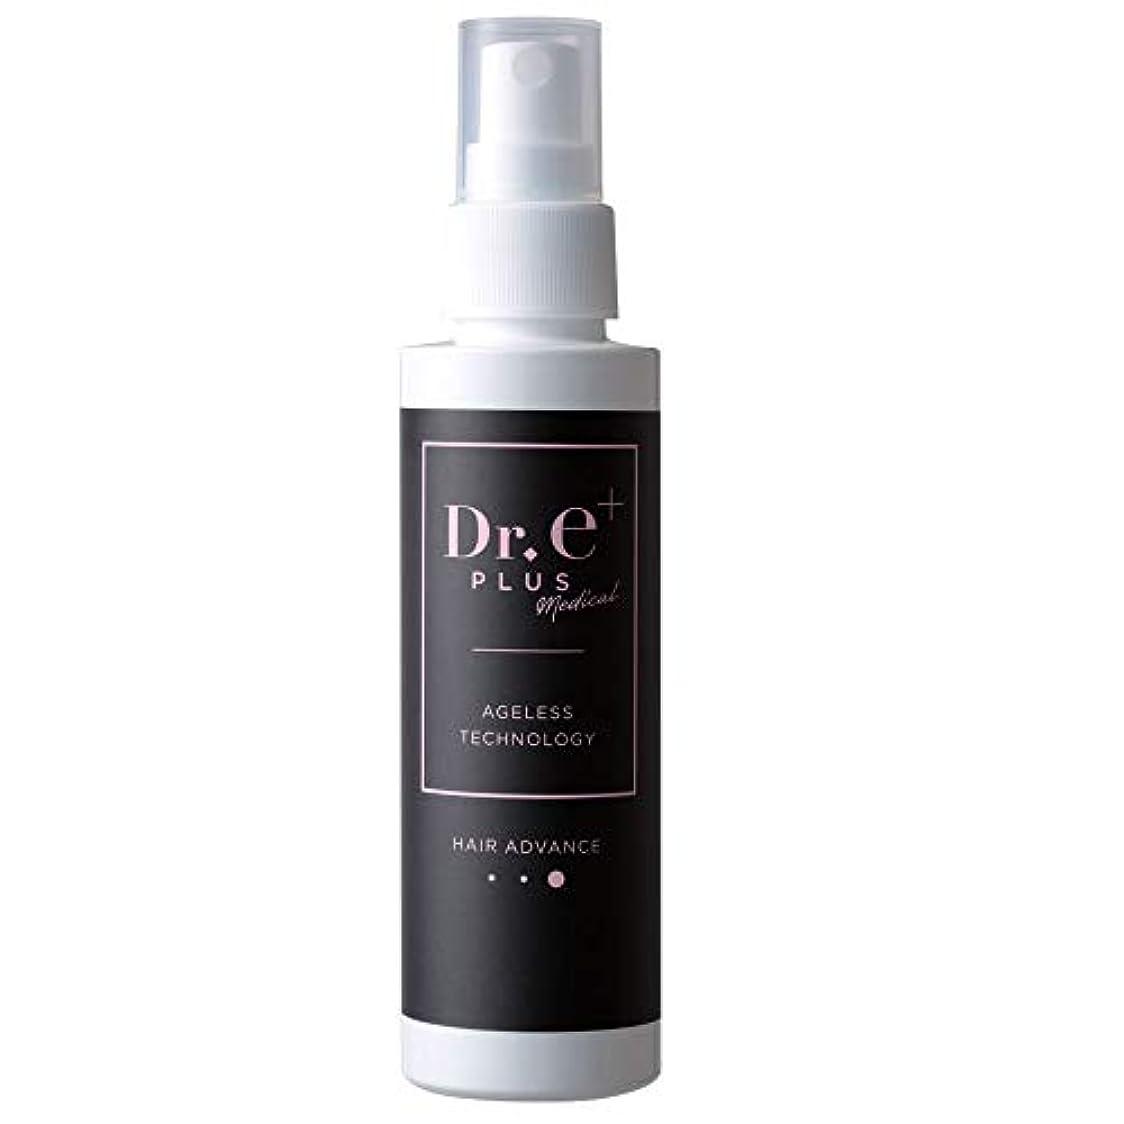 質素なカジュアルデッドハリつや美髪に育毛&抜け毛予防を維持する「ePLUS ヘア アドバンス」